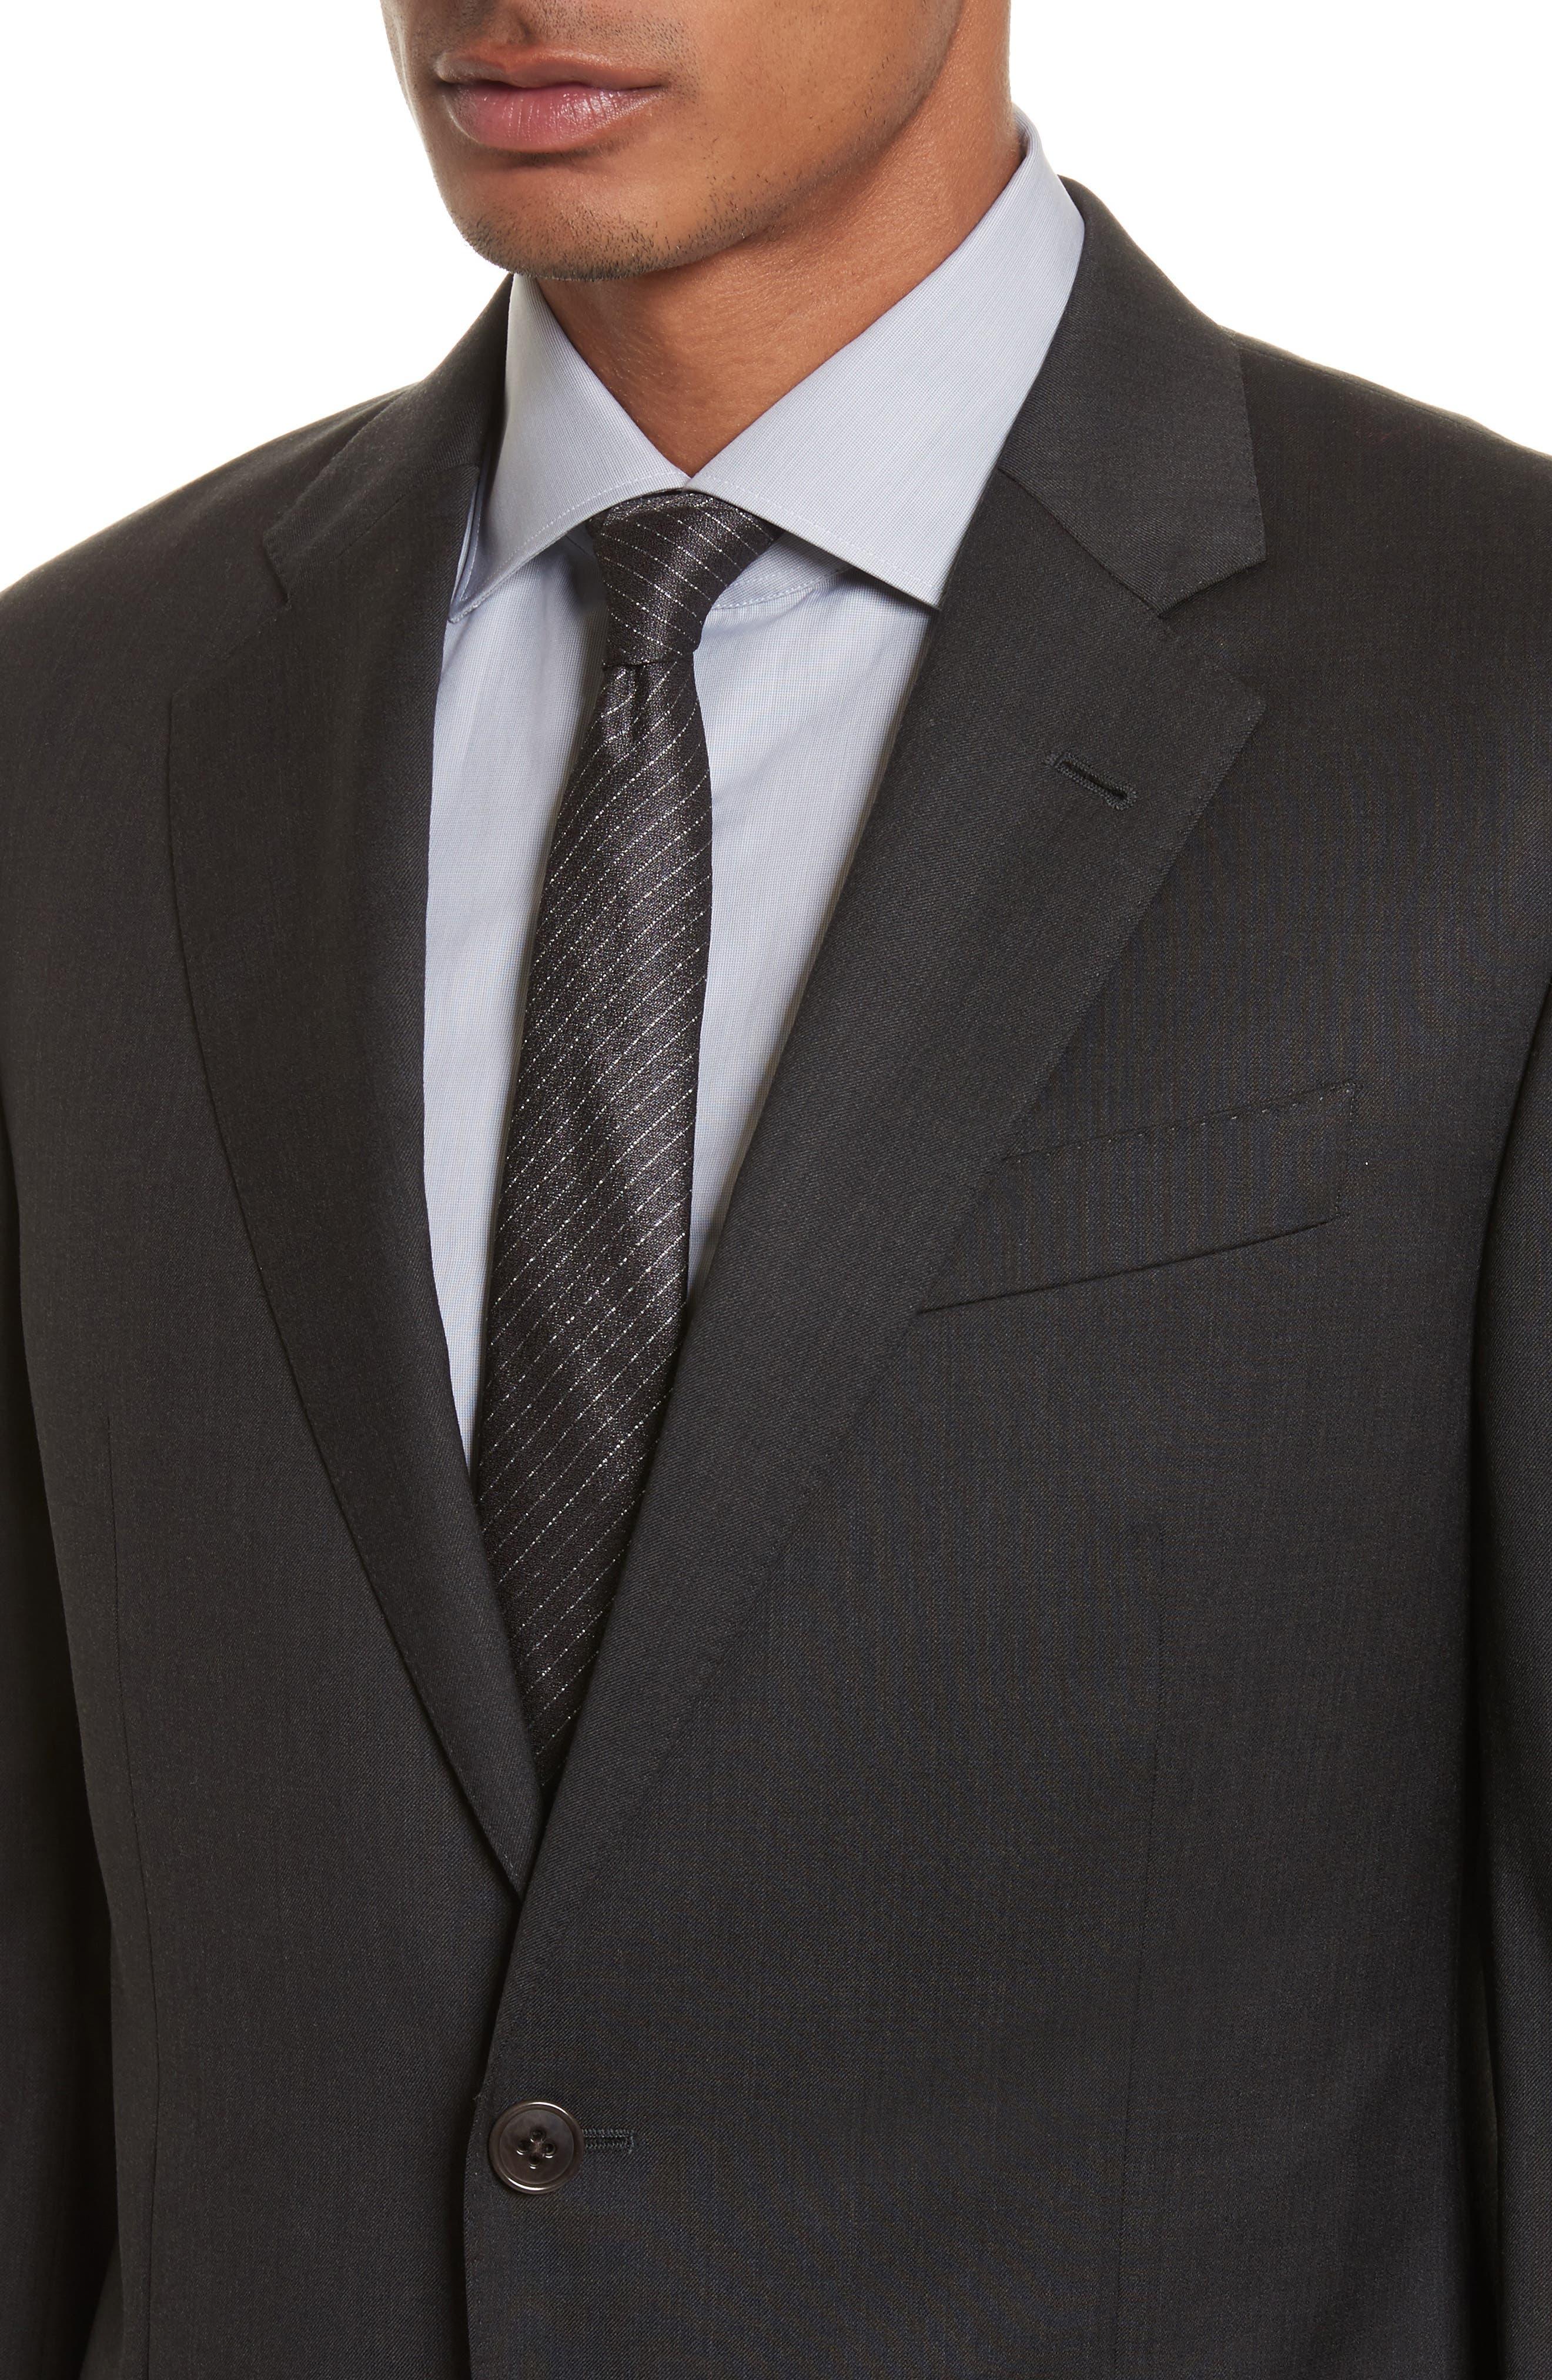 'G-Line' Trim Fit Solid Wool Suit,                             Alternate thumbnail 5, color,                             020